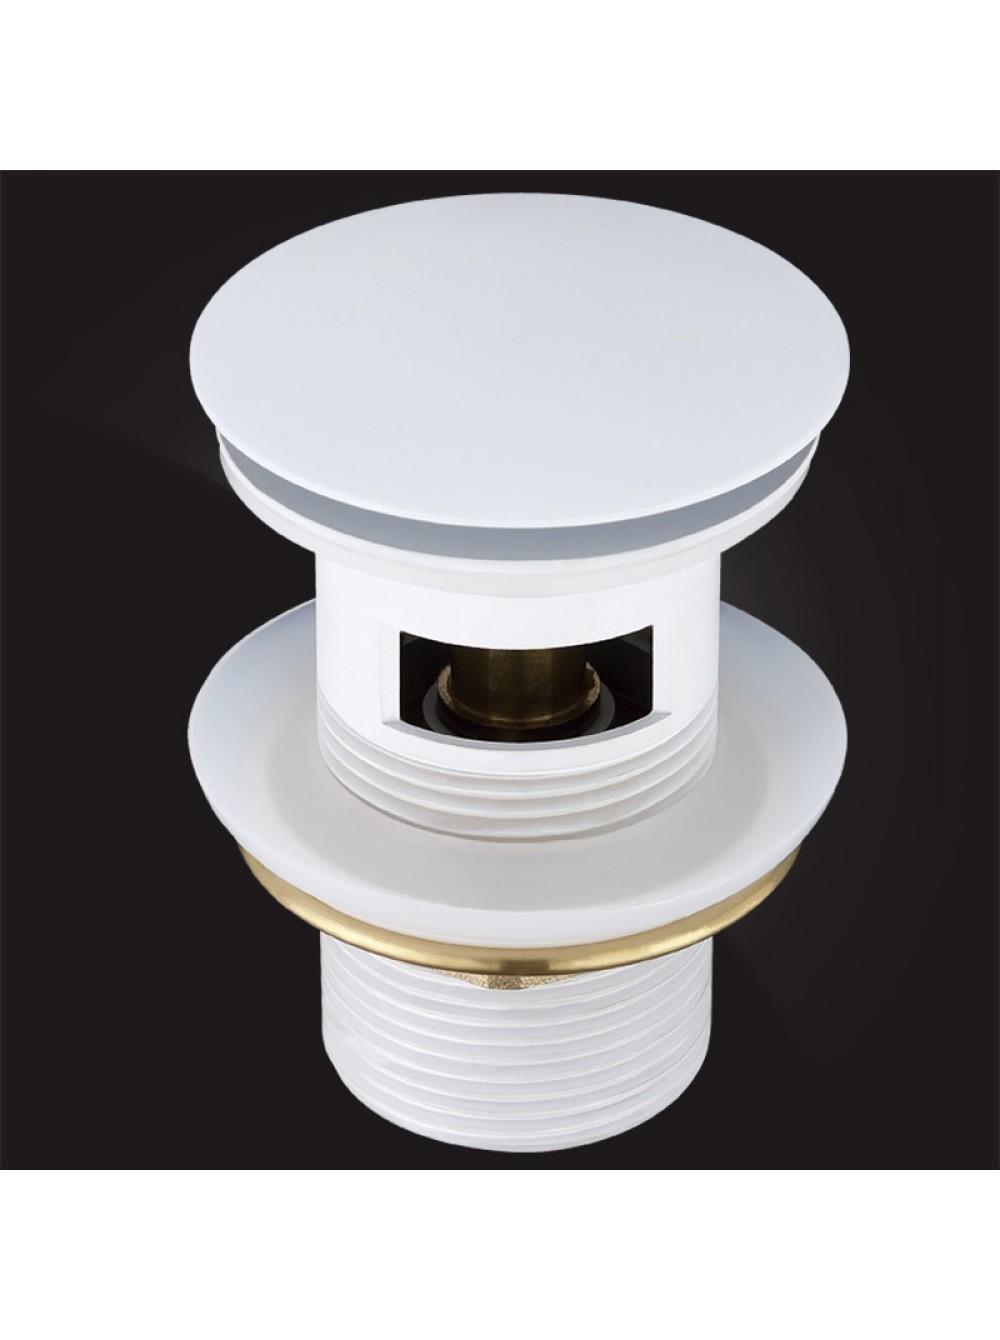 Донный клапан Elghansa WASTE SYSTEMS WBT-122-White для раковины с переливом, белый